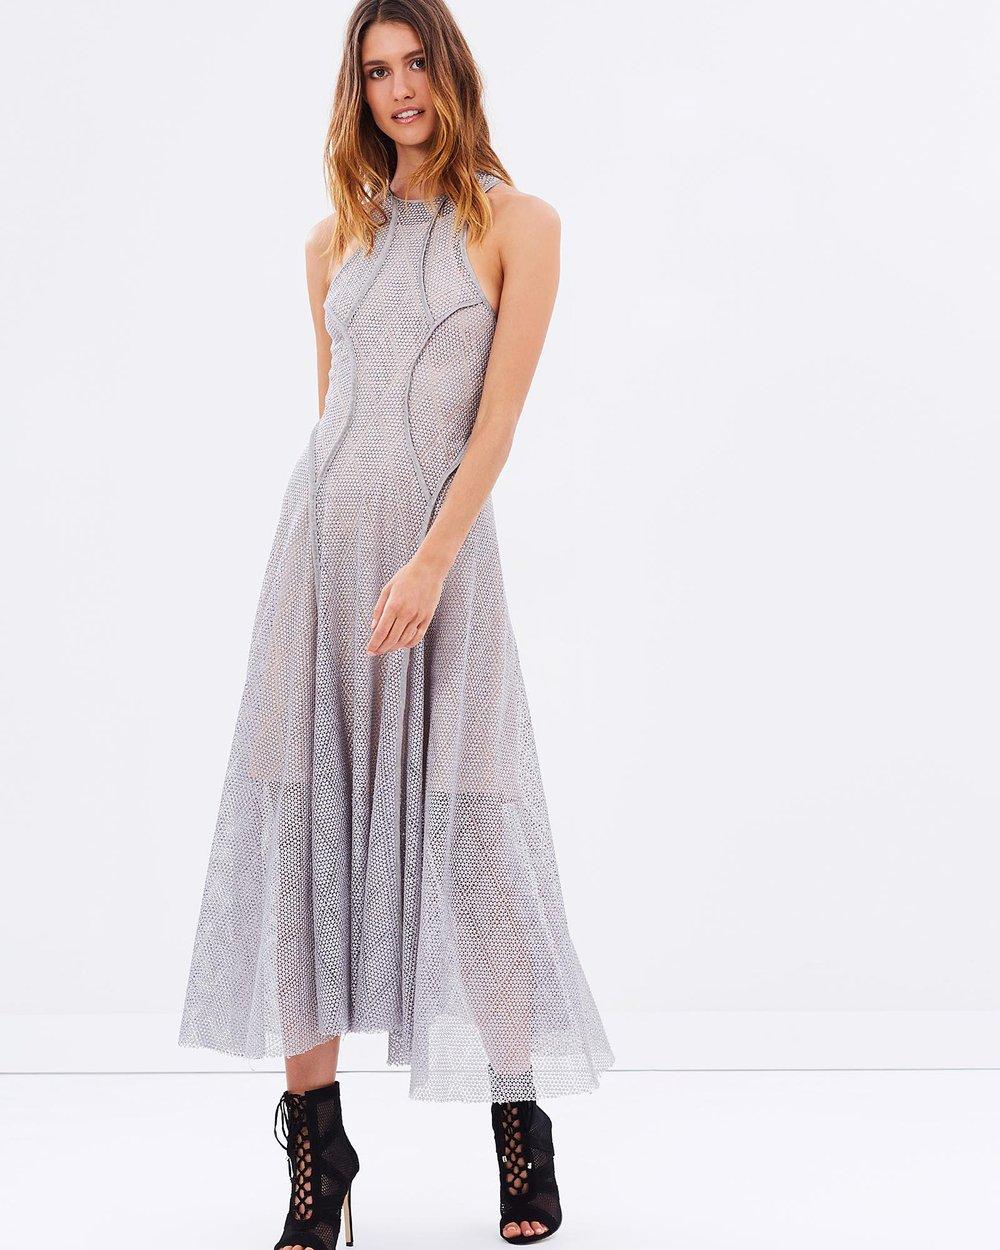 Ungewöhnlich Spenden Prom Kleid Fotos - Brautkleider Ideen ...